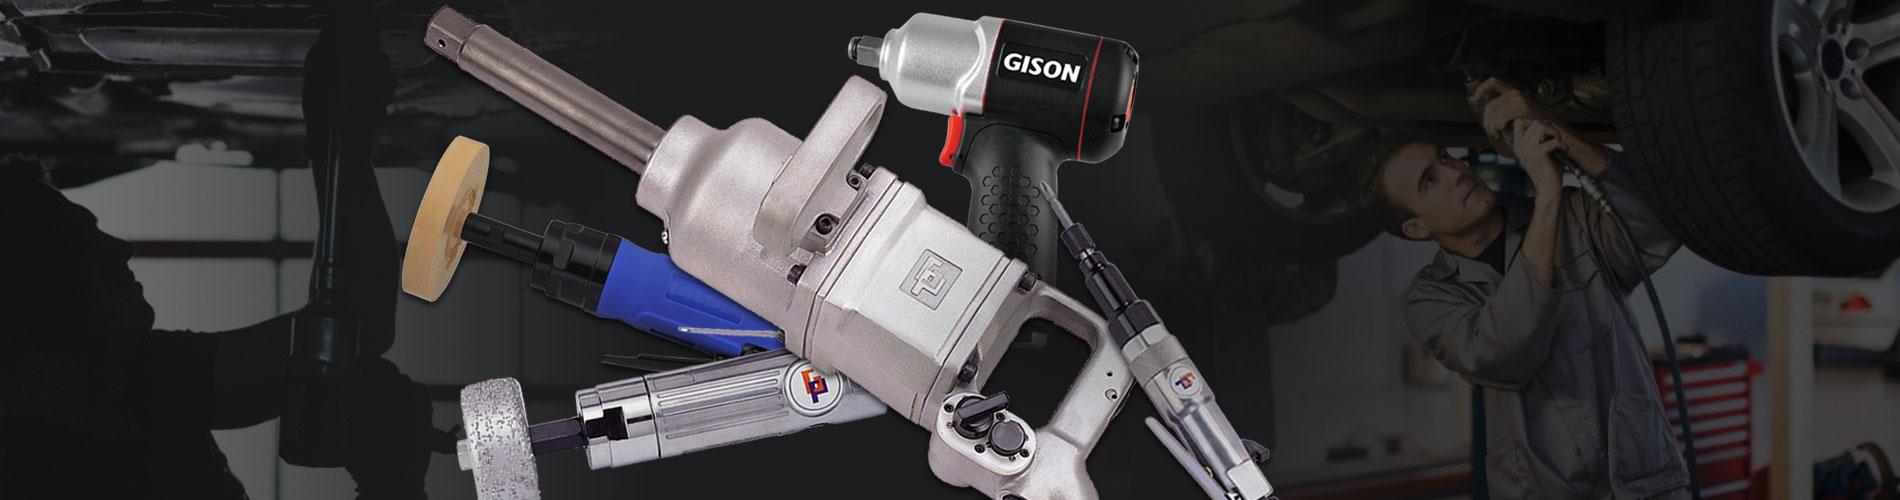 Strumenti pneumatici per Fissaggio / Riparazione automatica